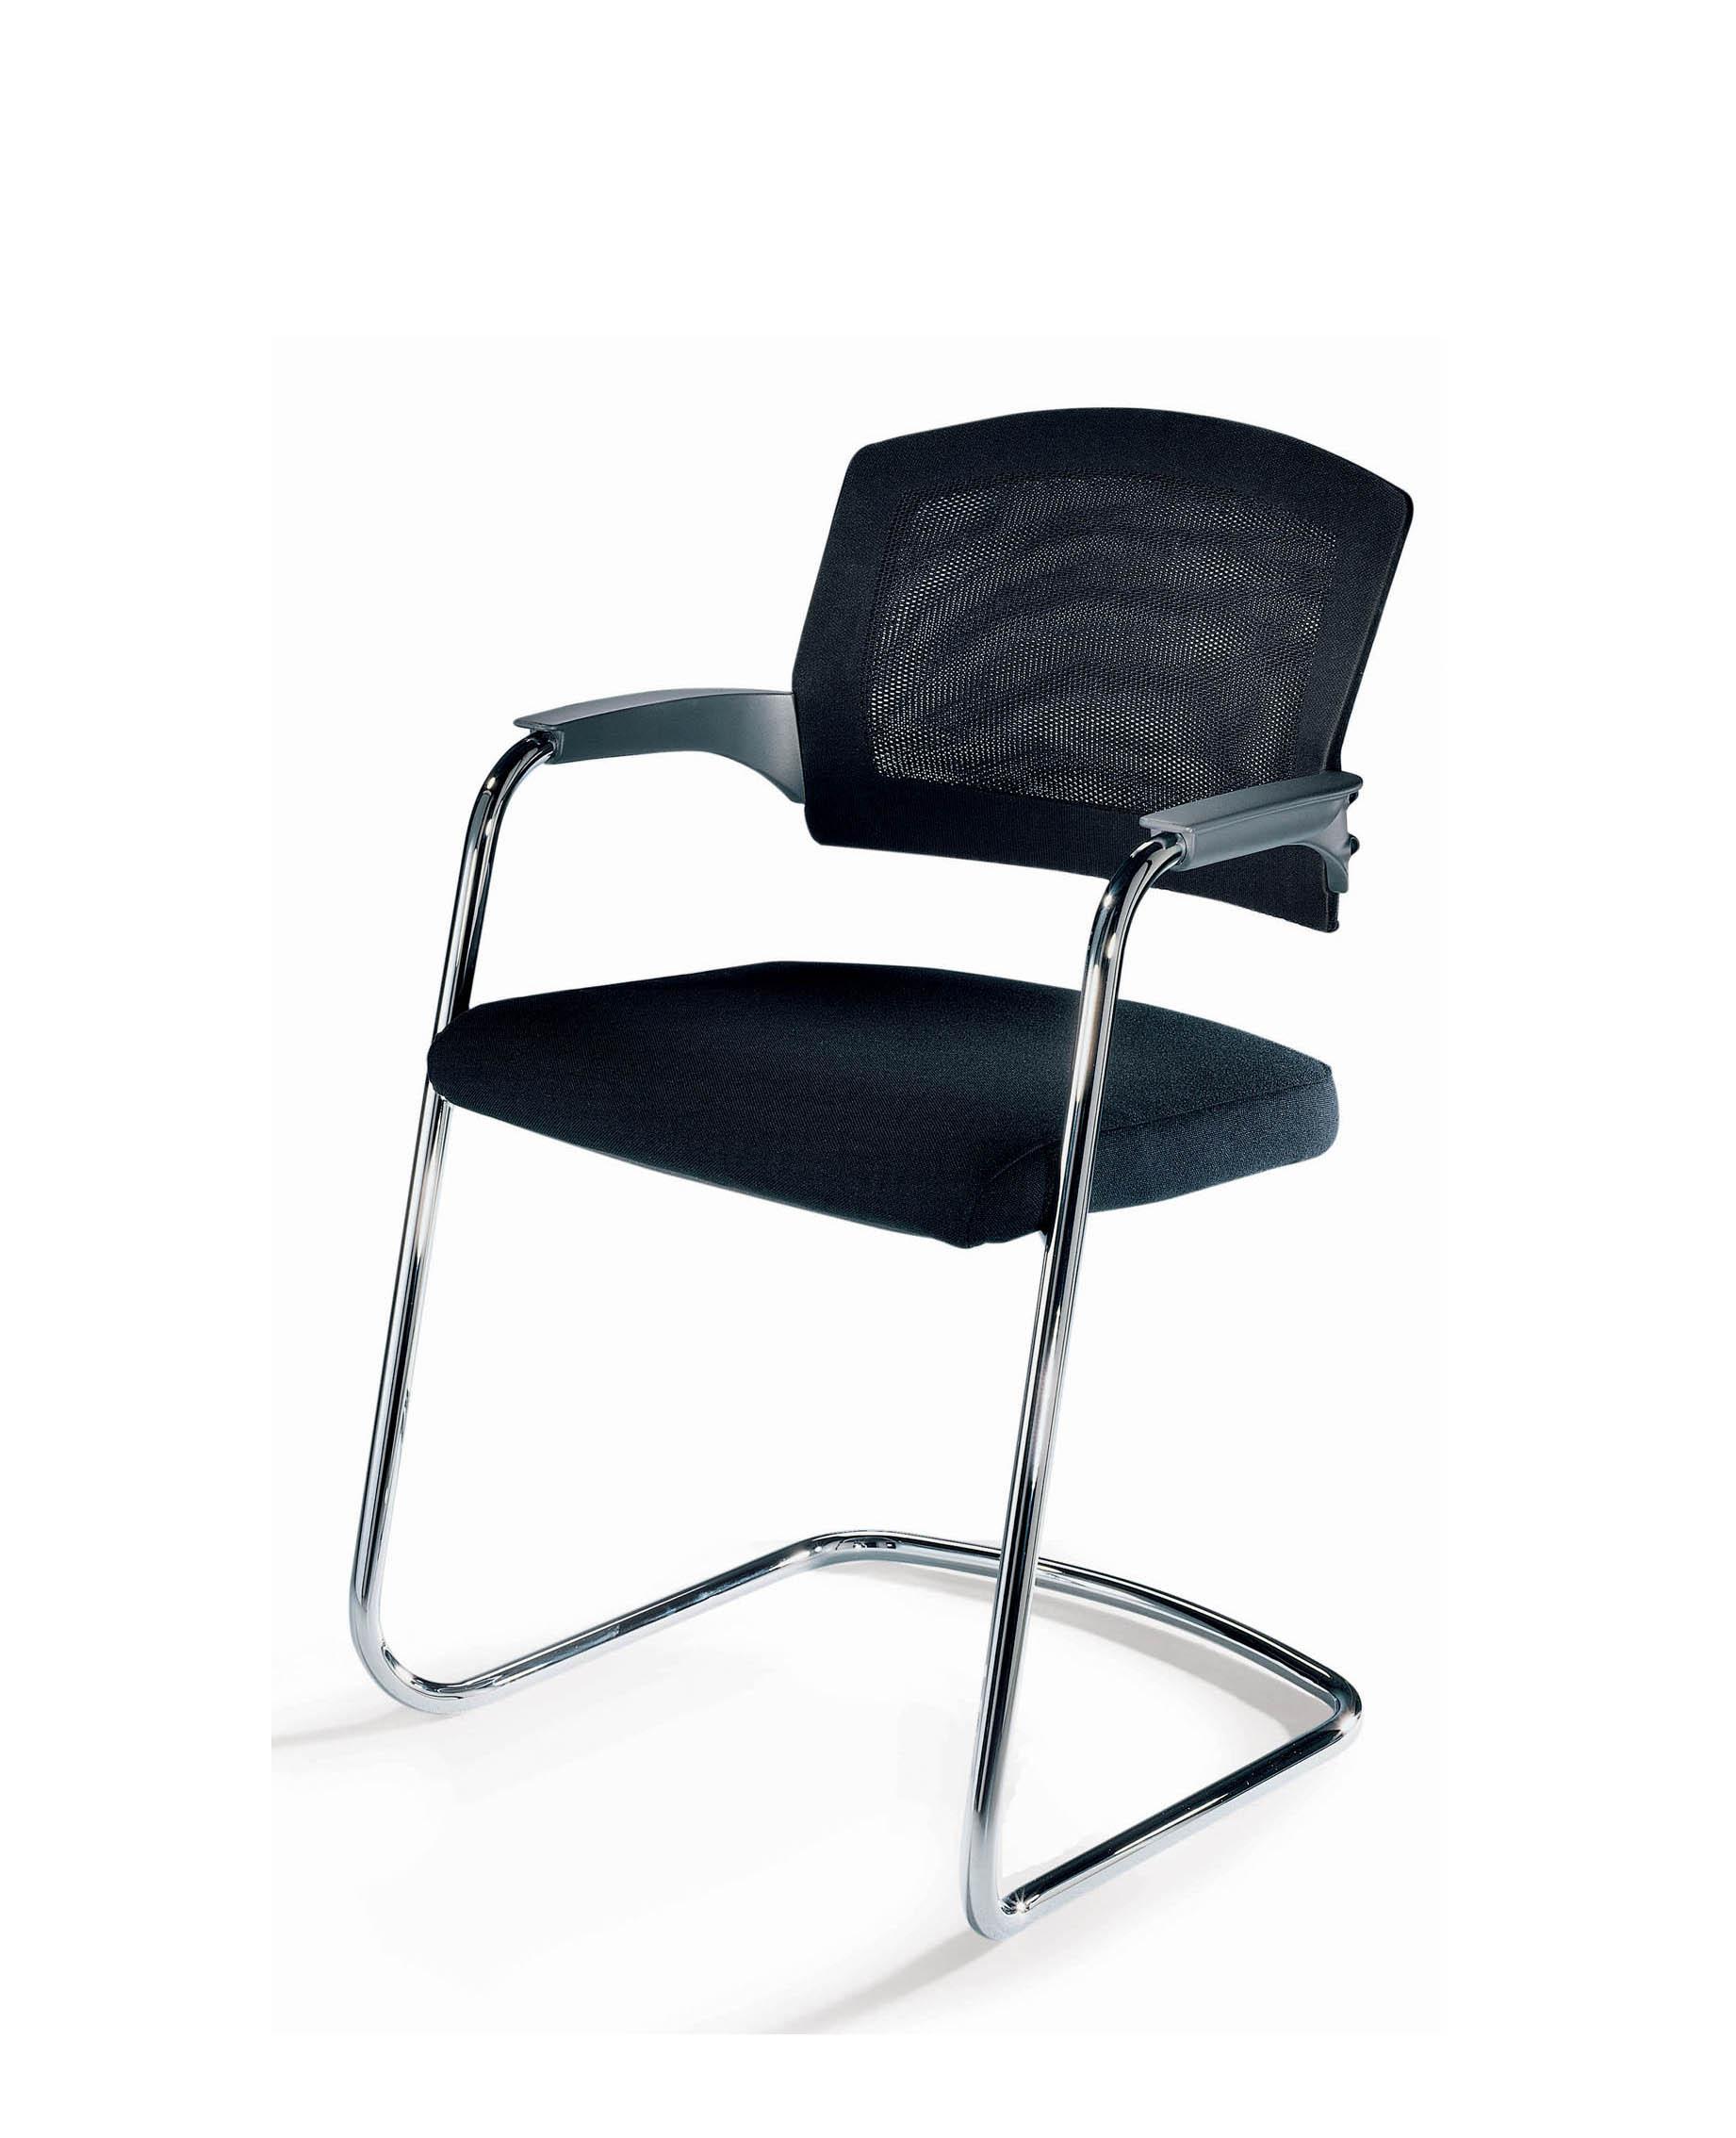 sitag el100 freischwinger freischwinger konferenz. Black Bedroom Furniture Sets. Home Design Ideas